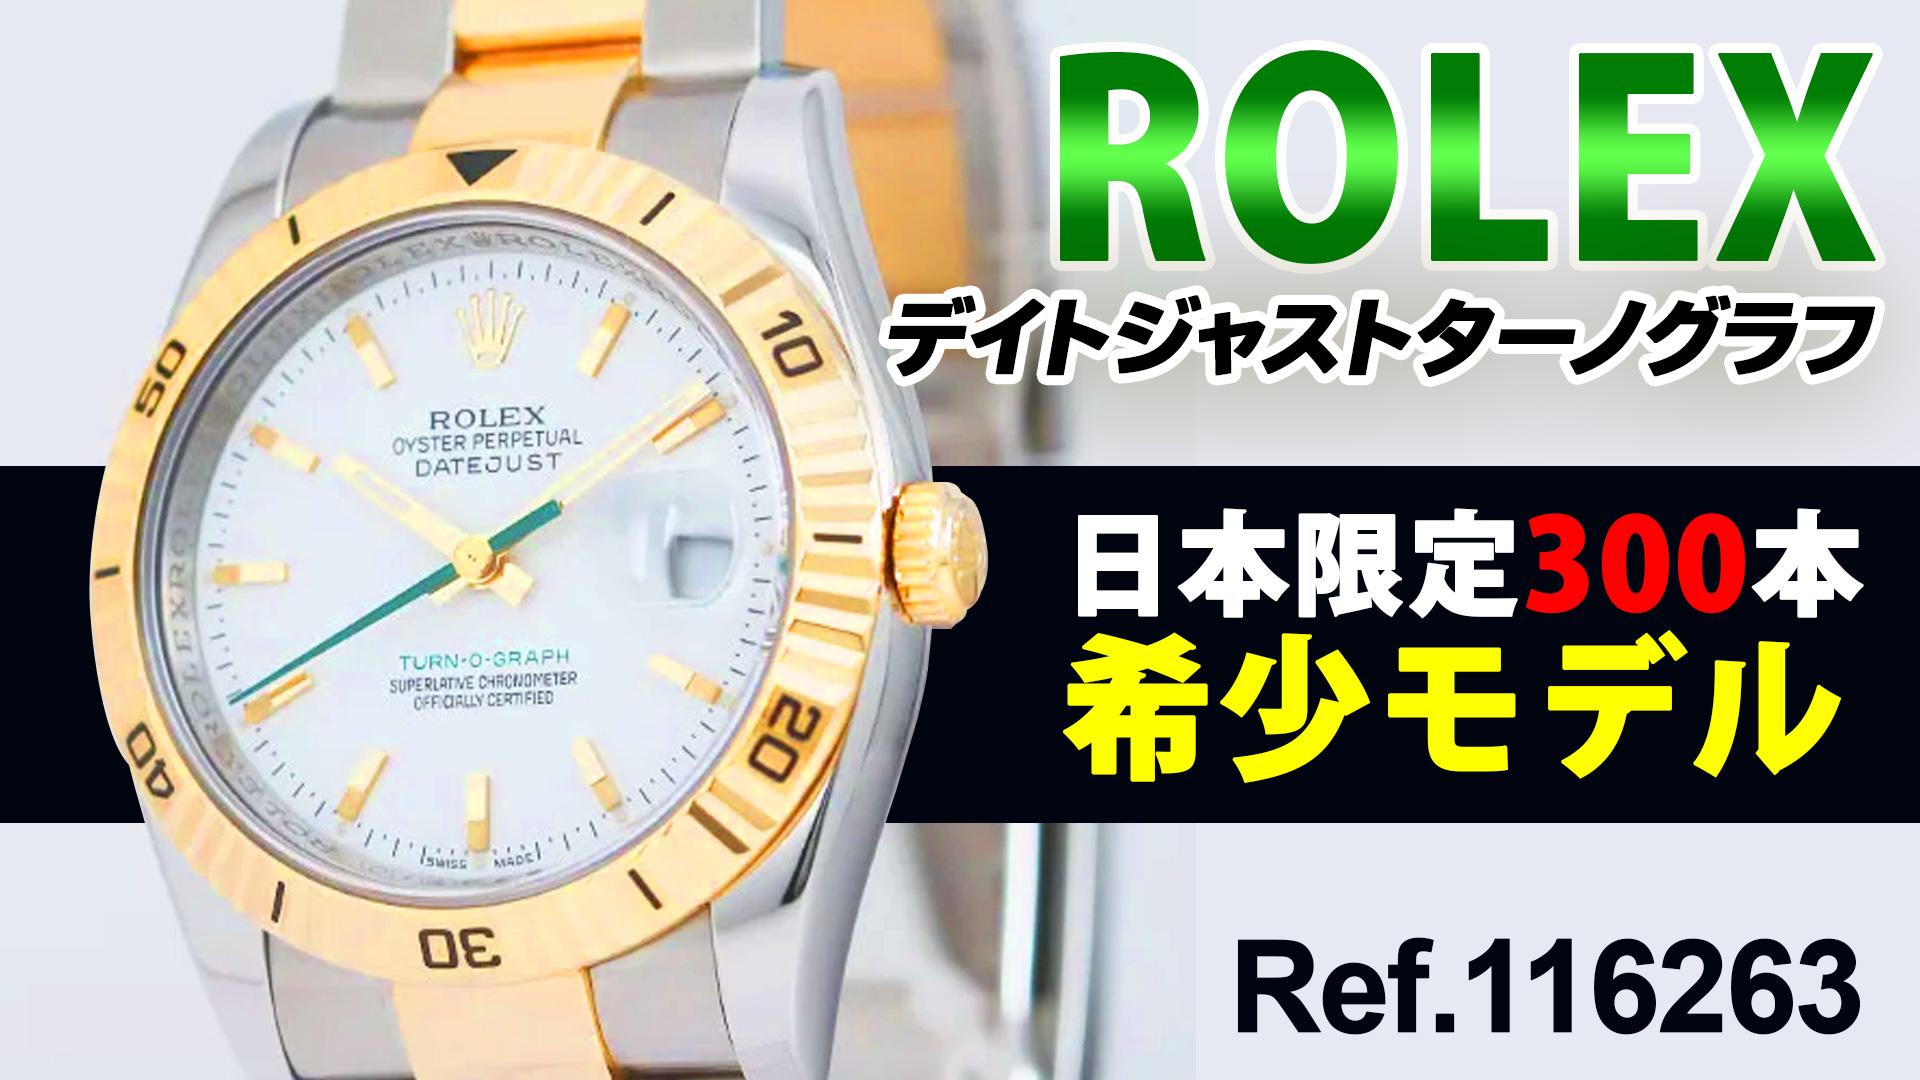 【モデル紹介6】ロレックス デイトジャストターノグラフ Ref.116263